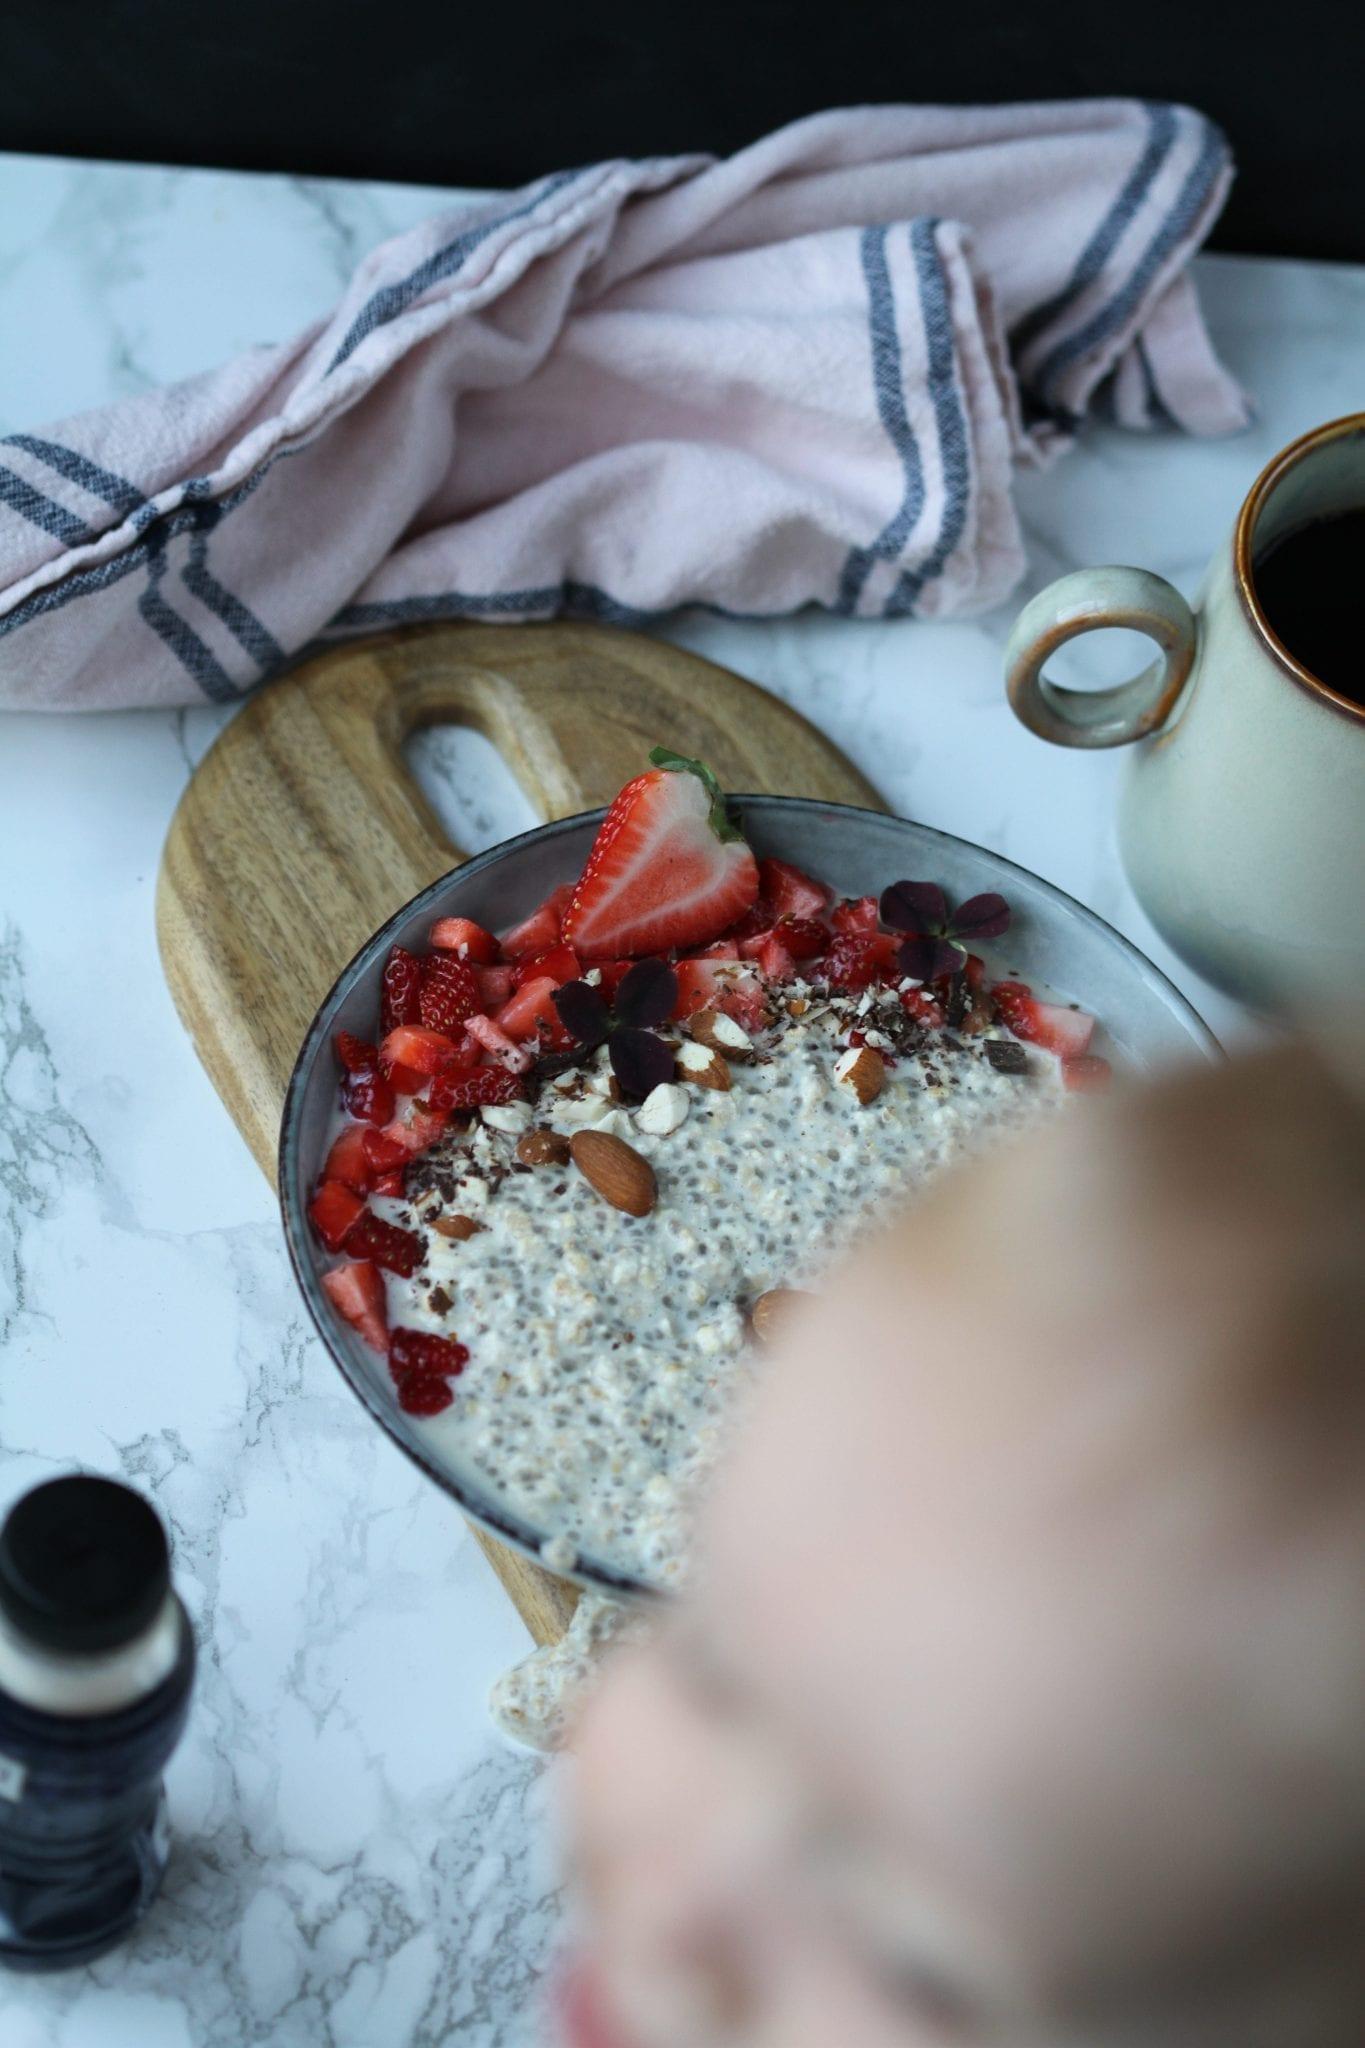 Overnightoats med lakrids og jordbær